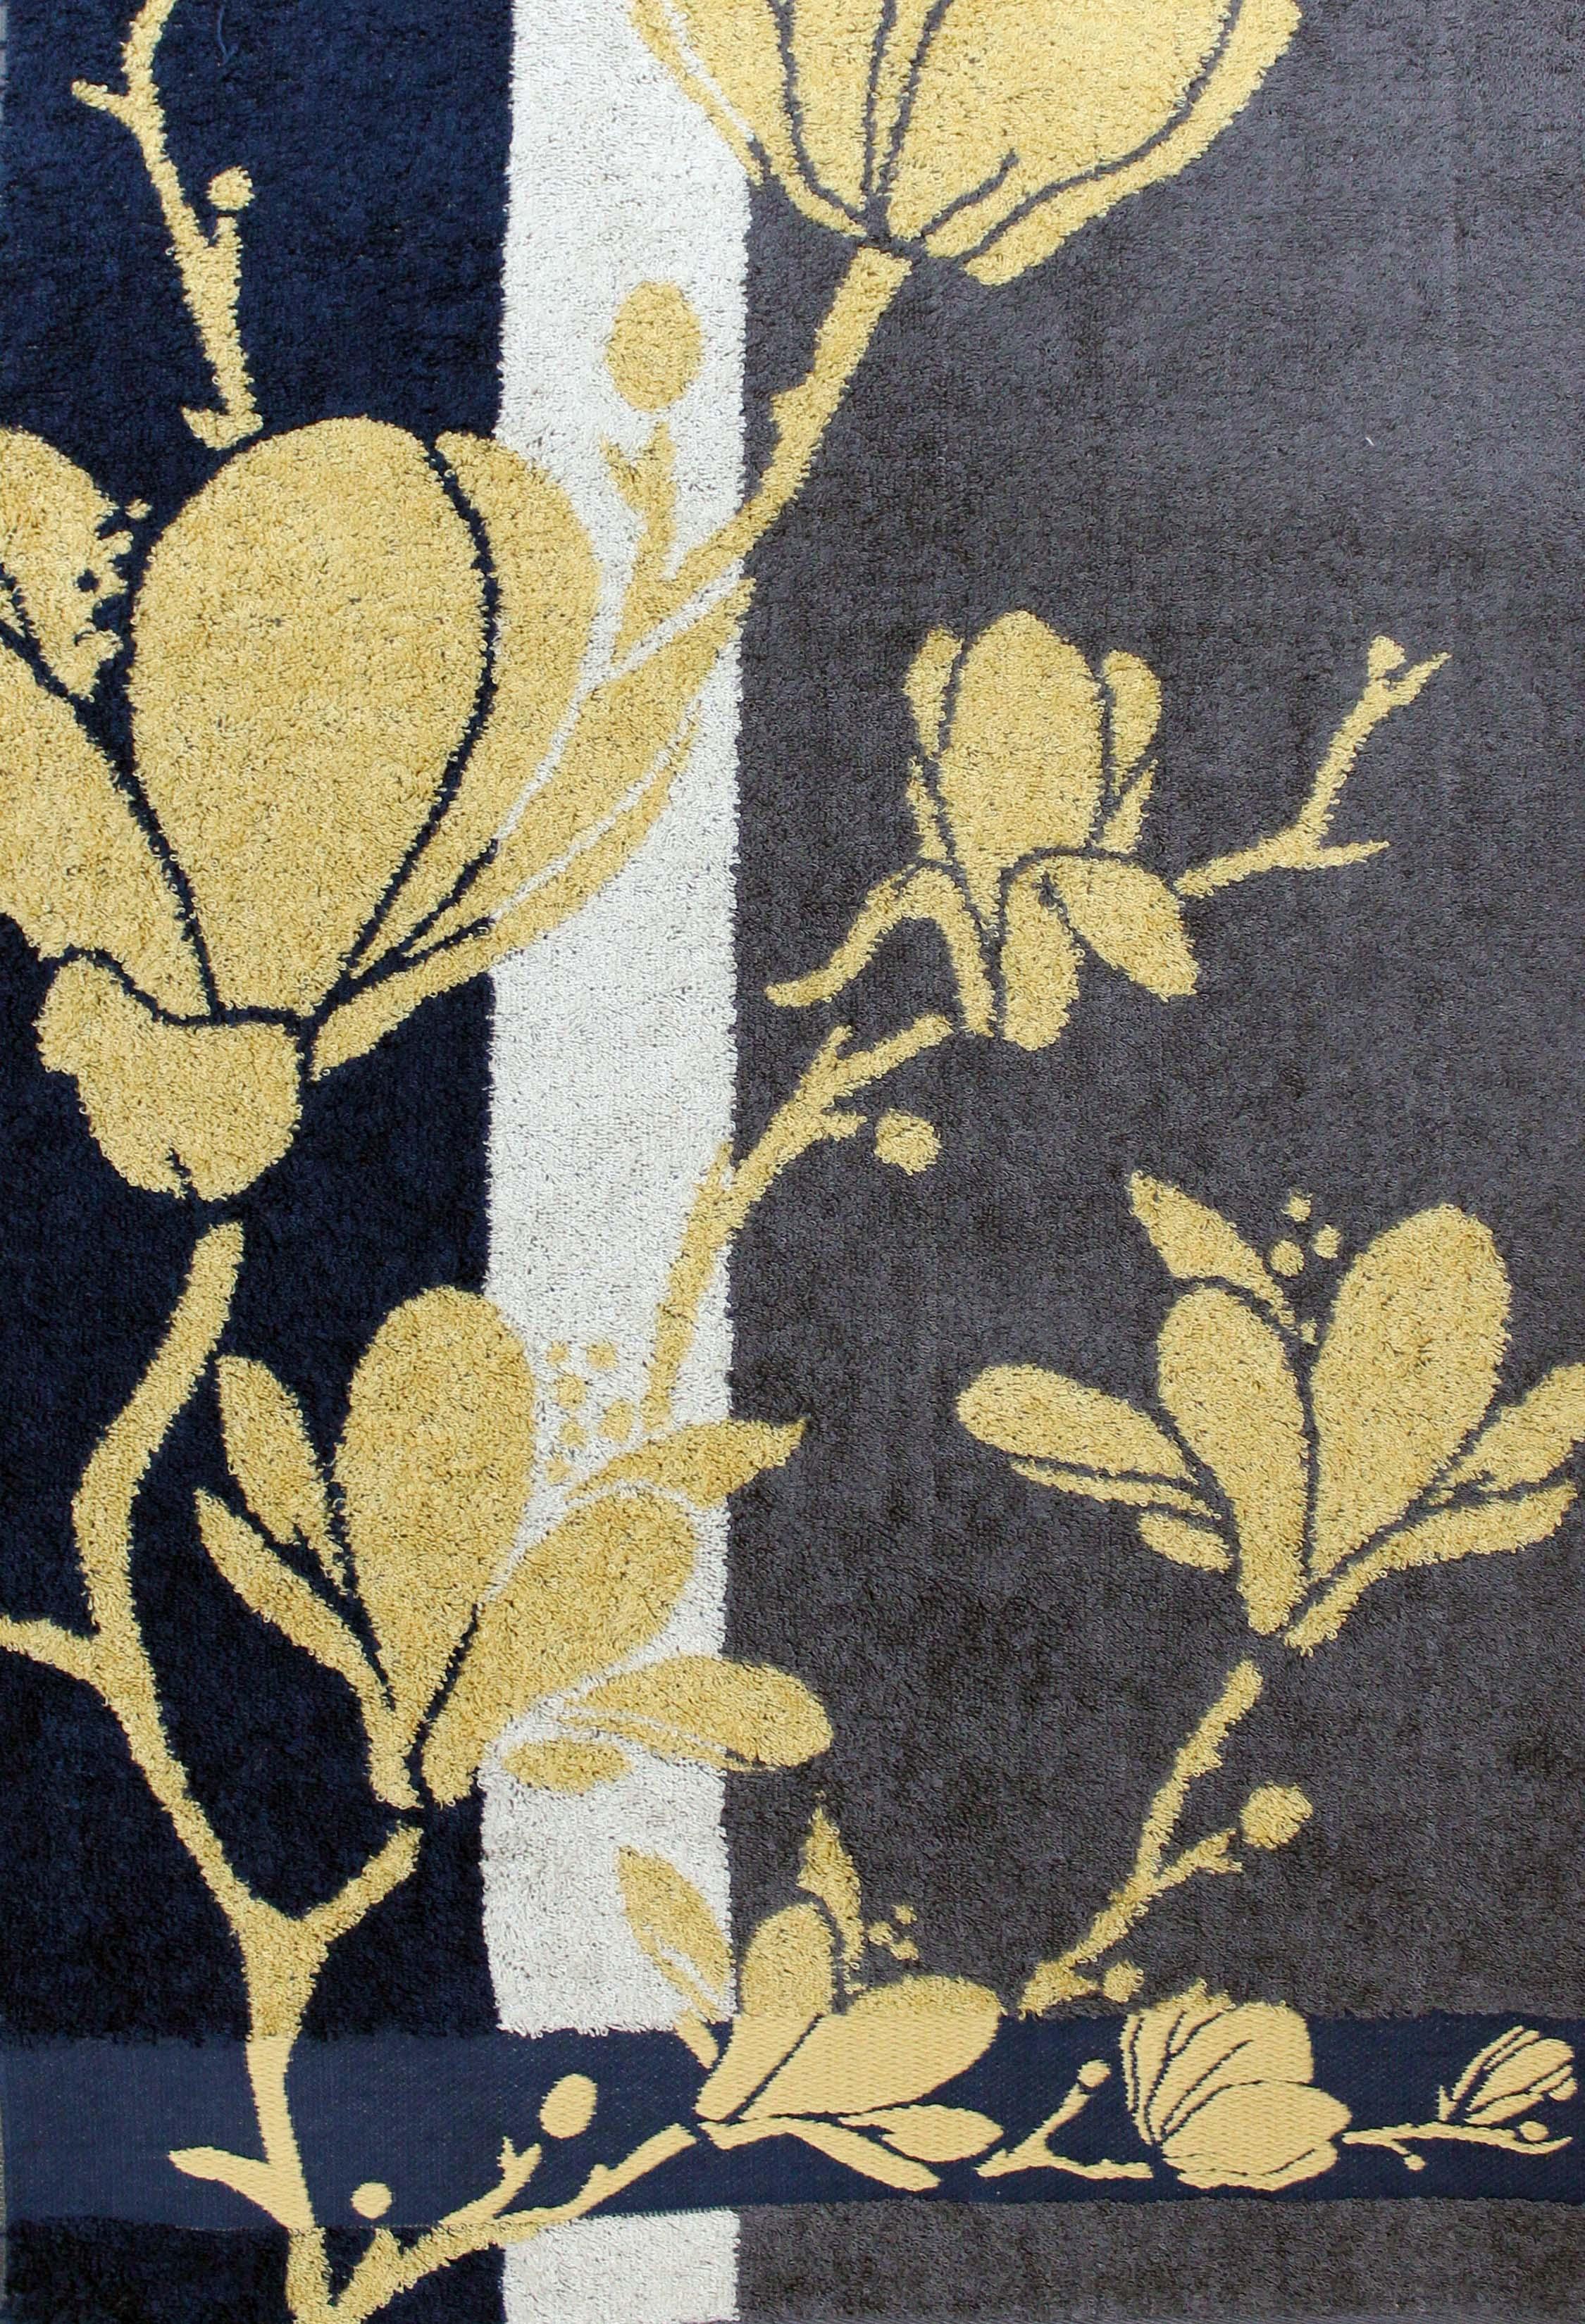 Полотенца MagnoliaДля всей семьи<br><br><br>Размер: Сиреневый